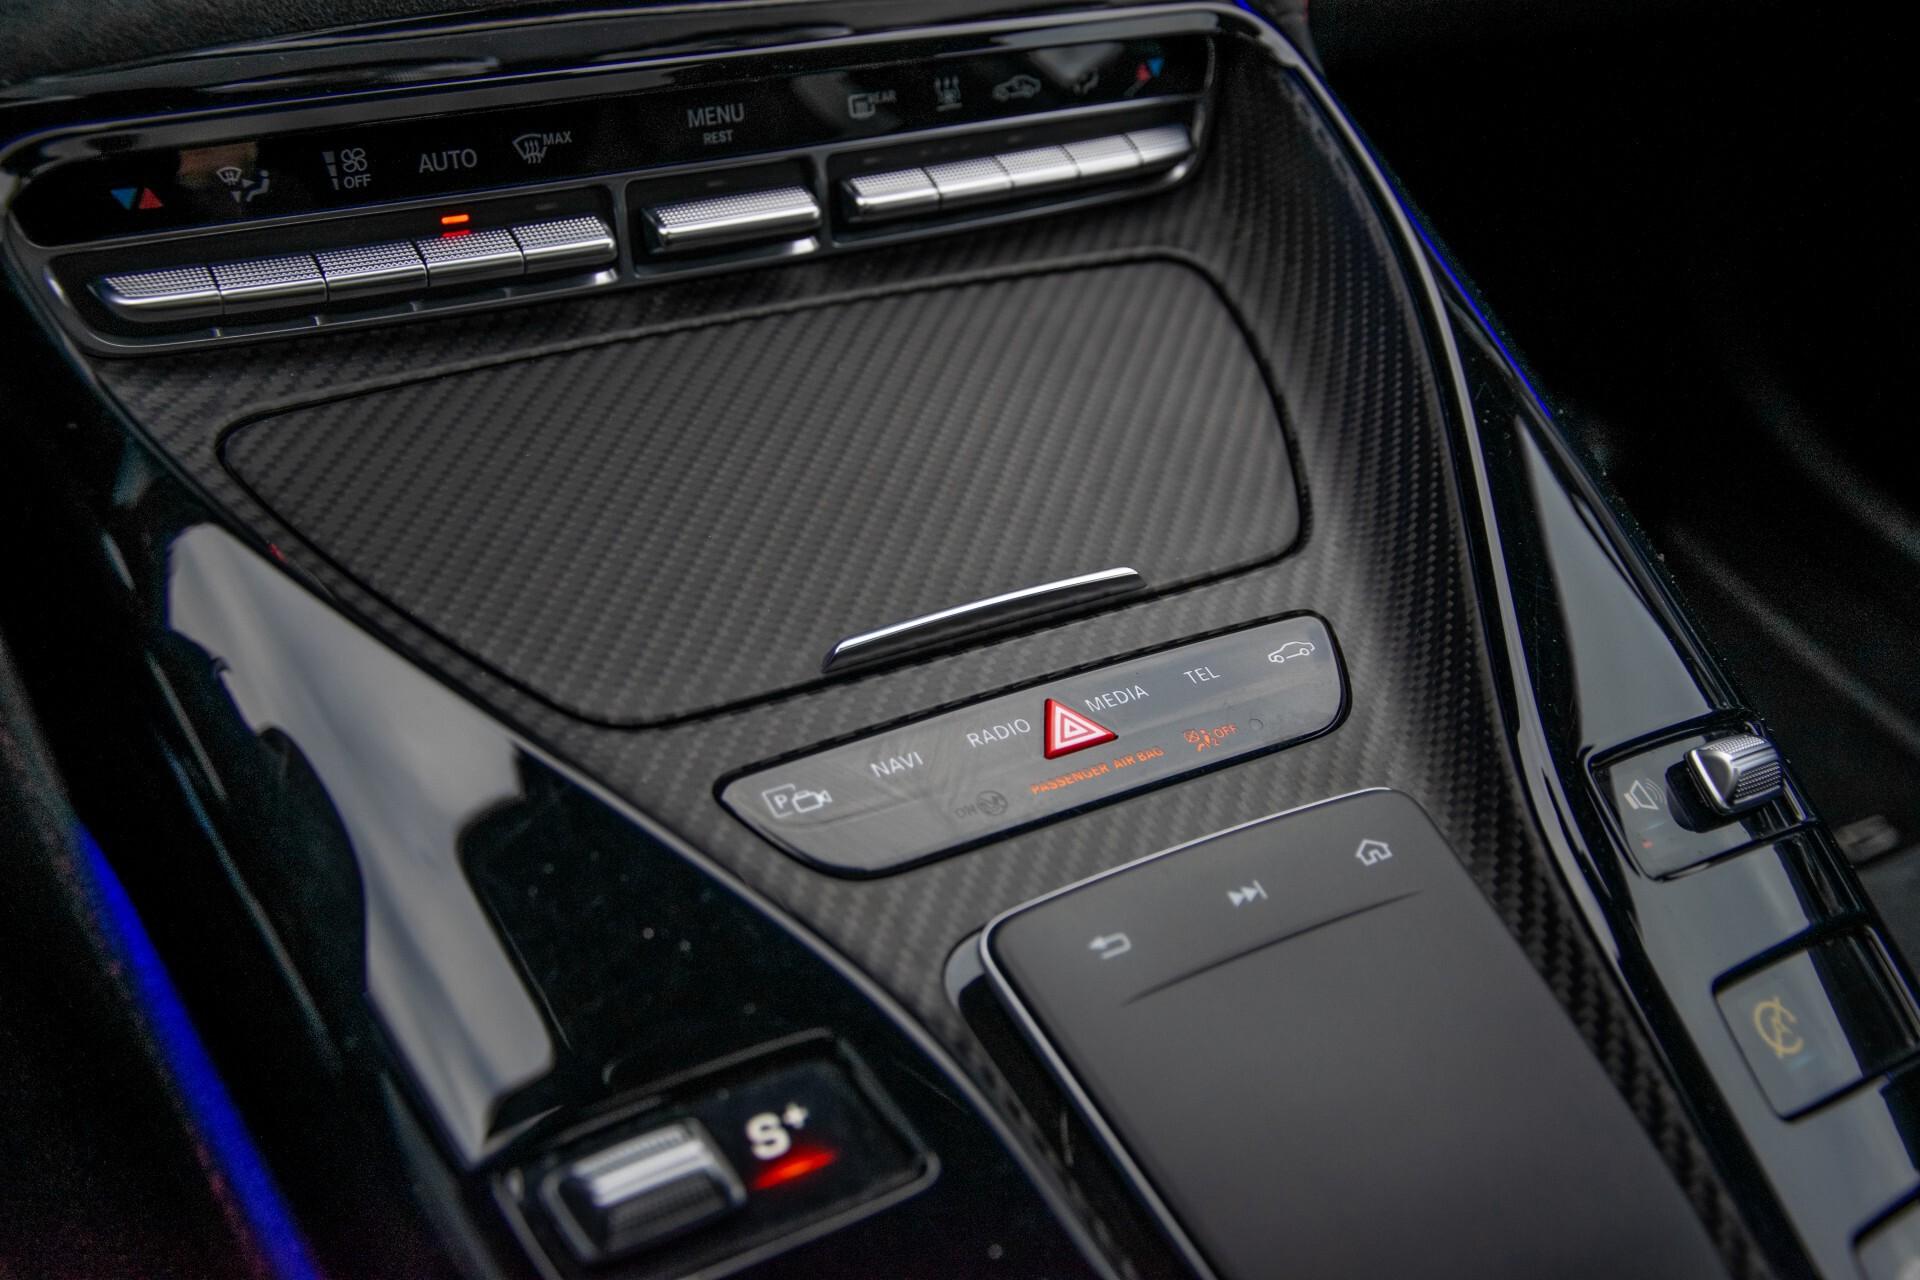 Mercedes-Benz AMG GT 4-Door Coupe 63 S 4M+ Keramisch/Full Carbon/Aerodynamica/Burmester 3D/TV/Performance stoelen/Standkachel Aut9 Foto 50